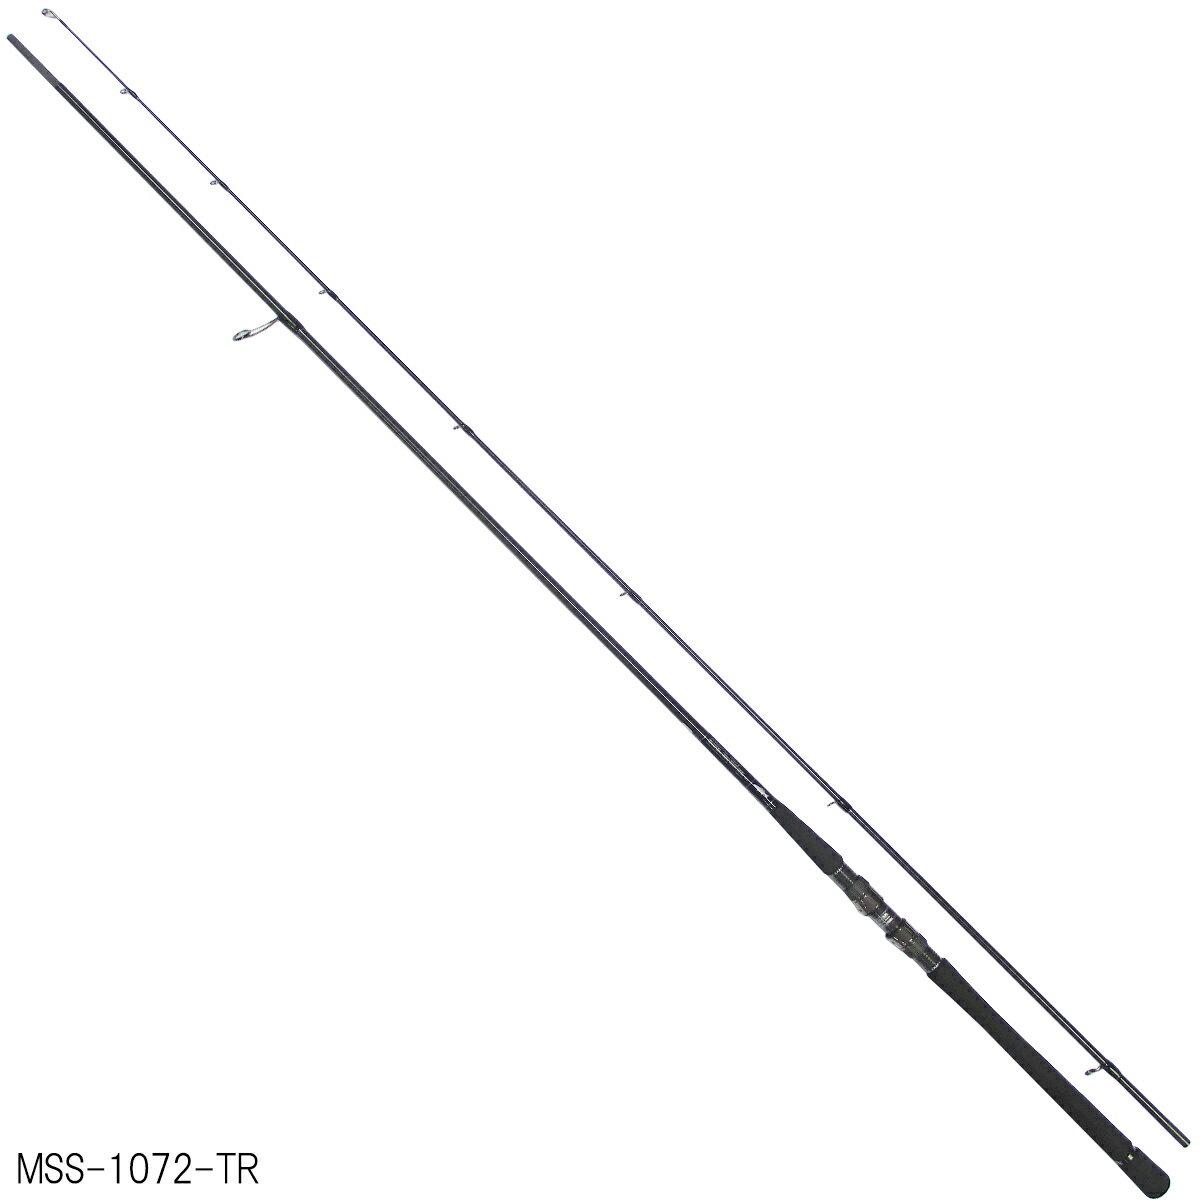 ジークラフト セブンセンスTR モンスターサーフ MSS-1072-TR